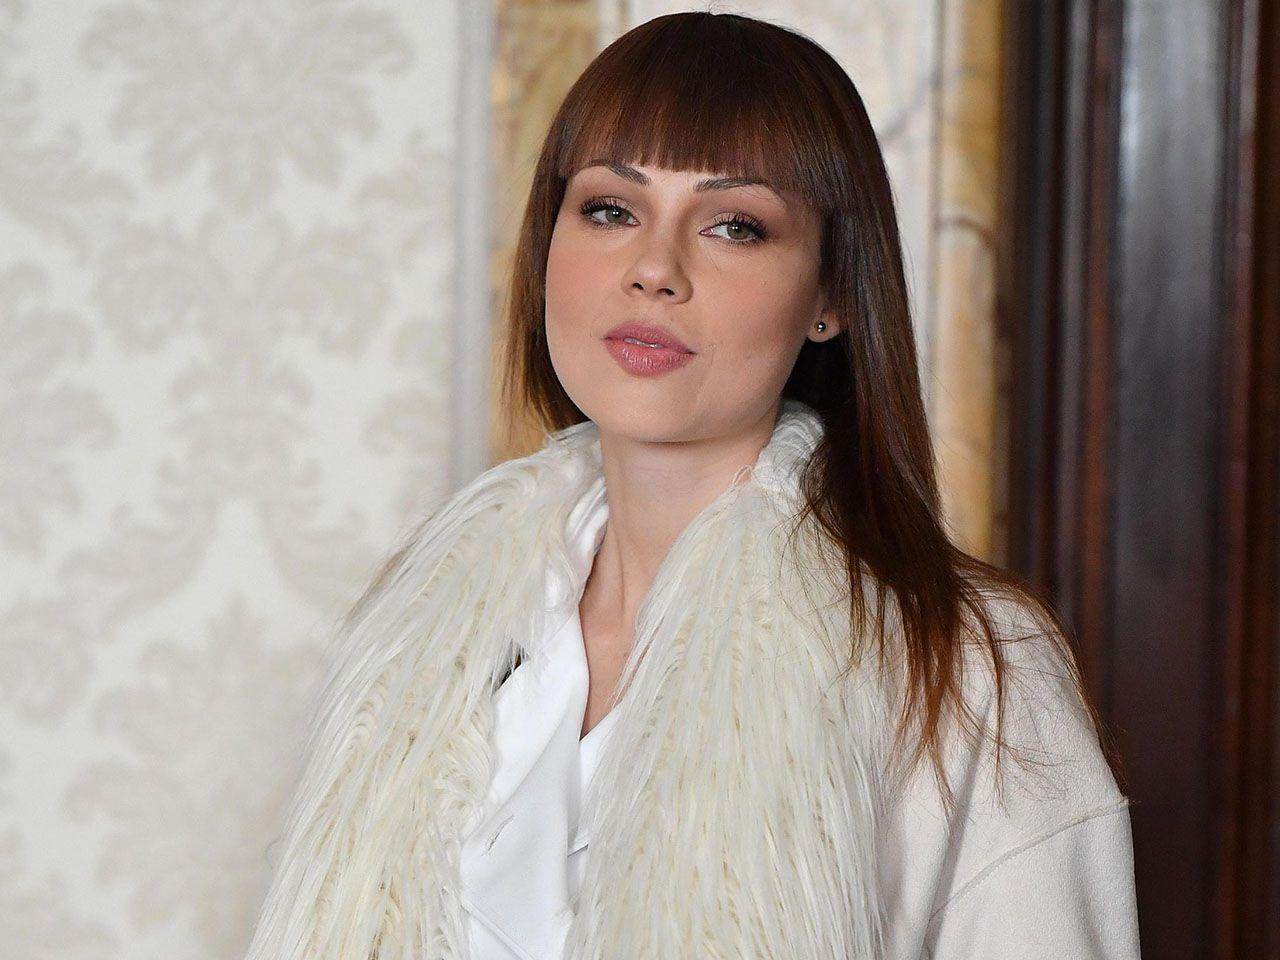 Adua Del Vesco, ex di Gabriel Garko: 'Ero anoressica, mi ha salvata la Madonna'